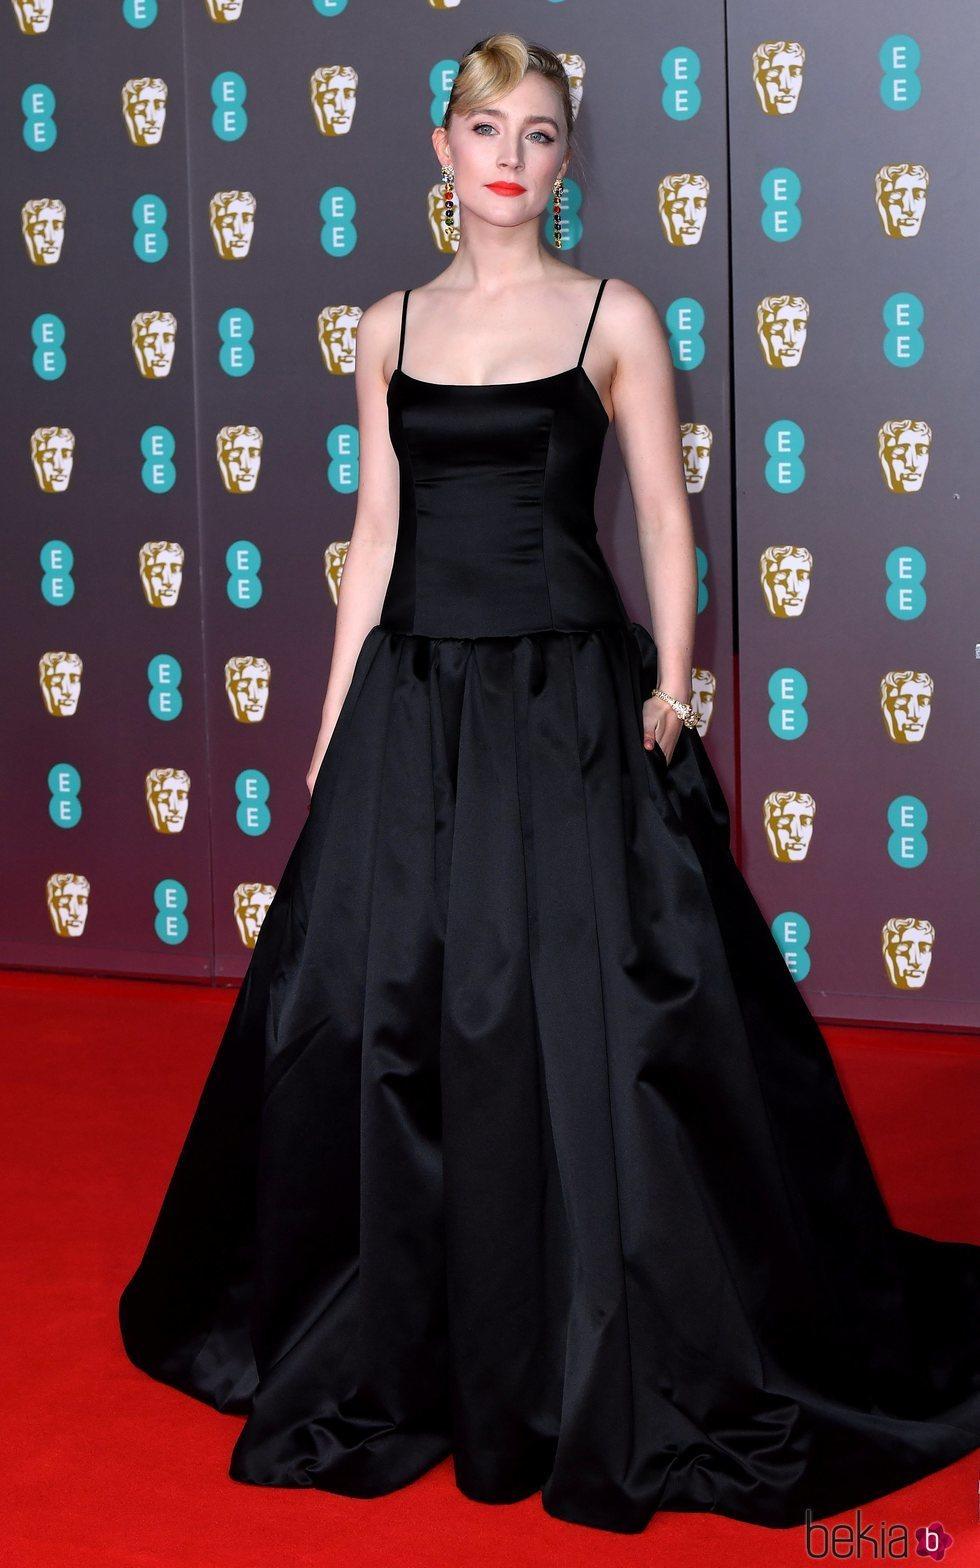 Saoirse Ronan en la alfombra roja de los Premios BAFTA 2020